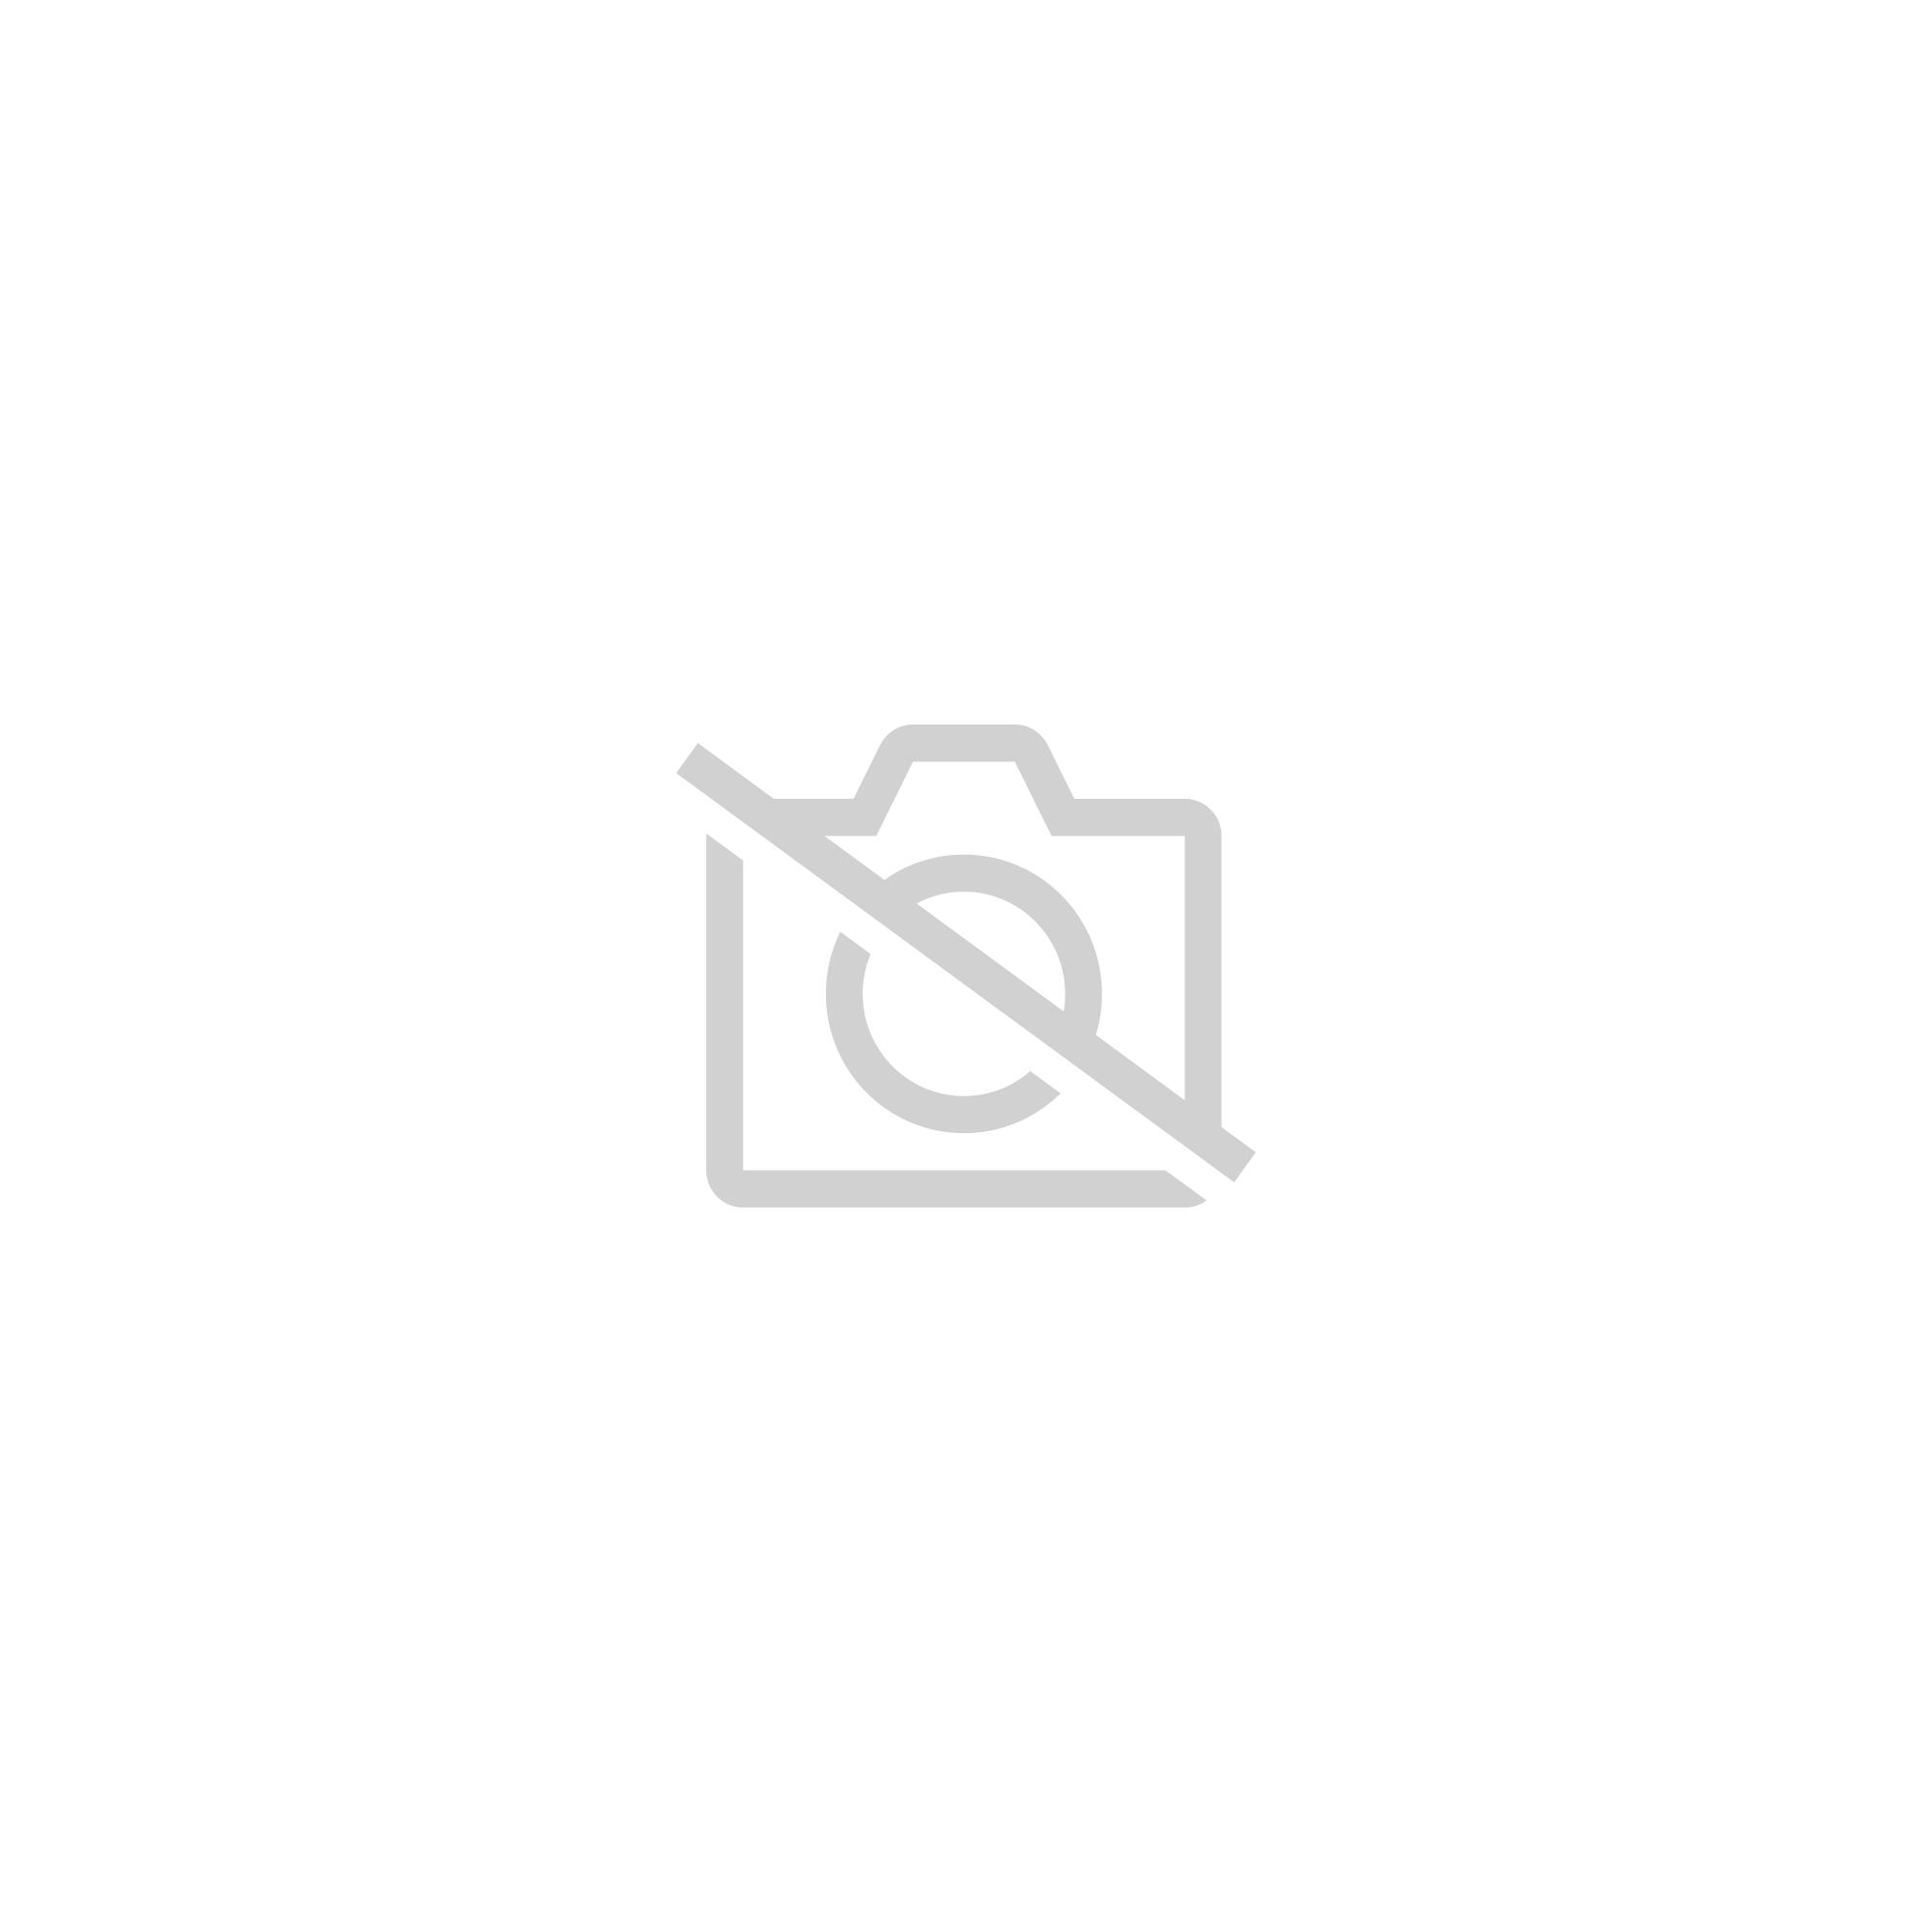 Nike Femme Free Rn Flyknit 2017 880844 001  Chaussures de basket